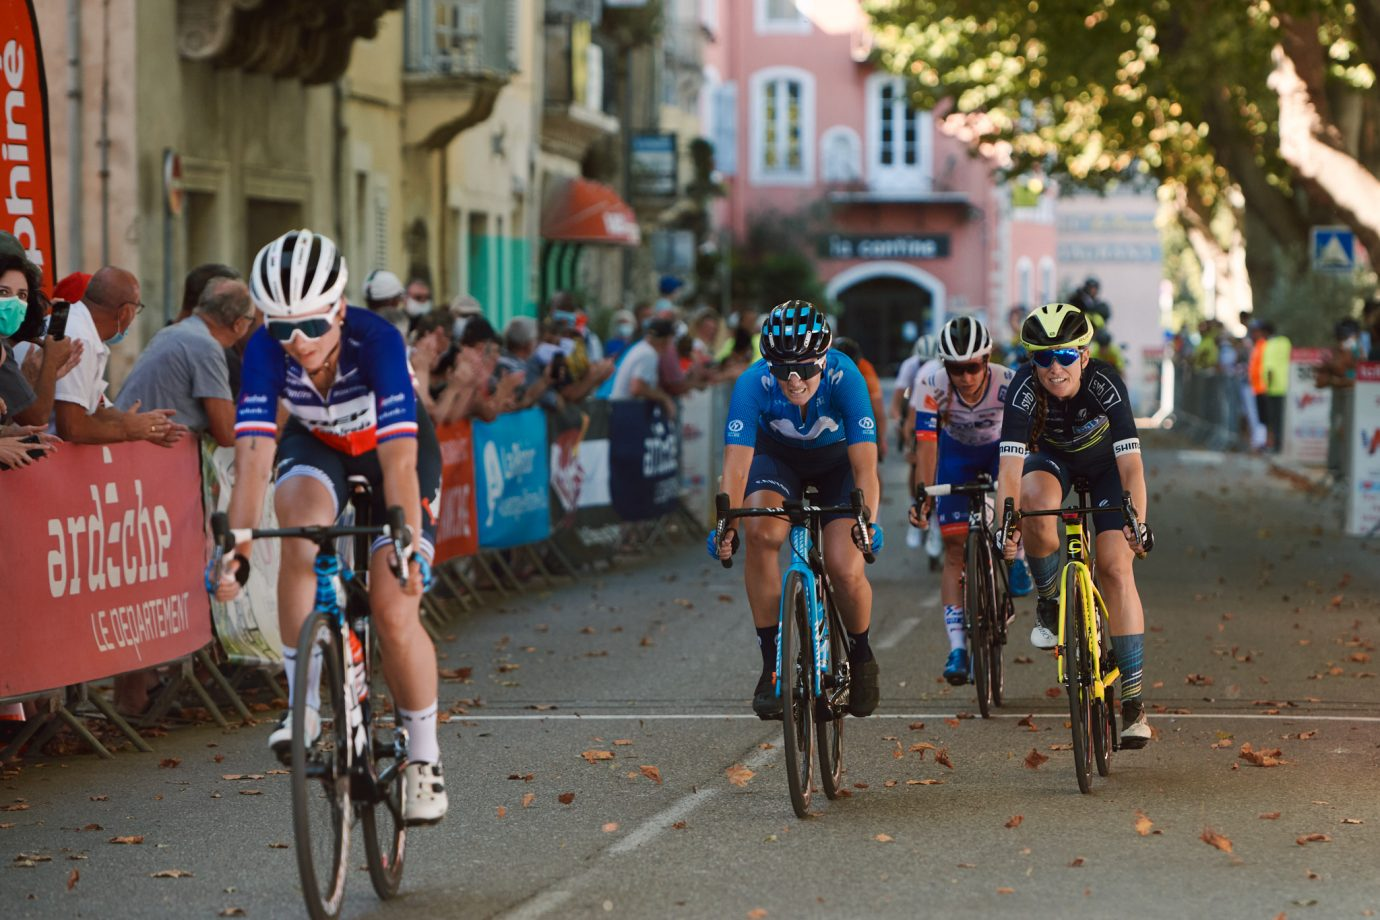 Imagen de la noticia 'Alicia González (3rd) continues in good form at Bourg-Saint-Andéol'